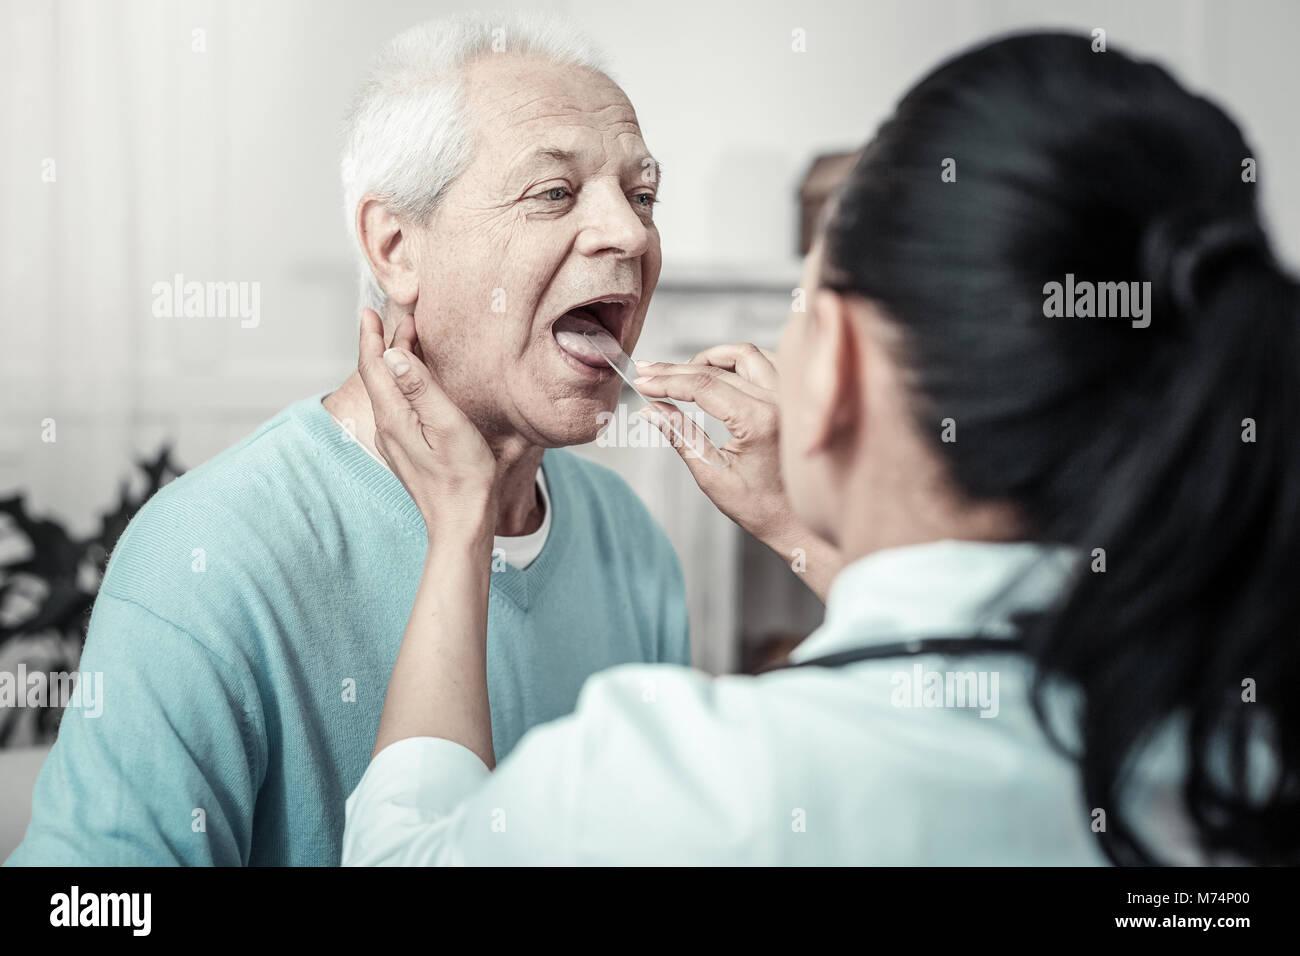 Grigio uomo invecchiato avente esame e seduta di fronte l'infermiera. Immagini Stock